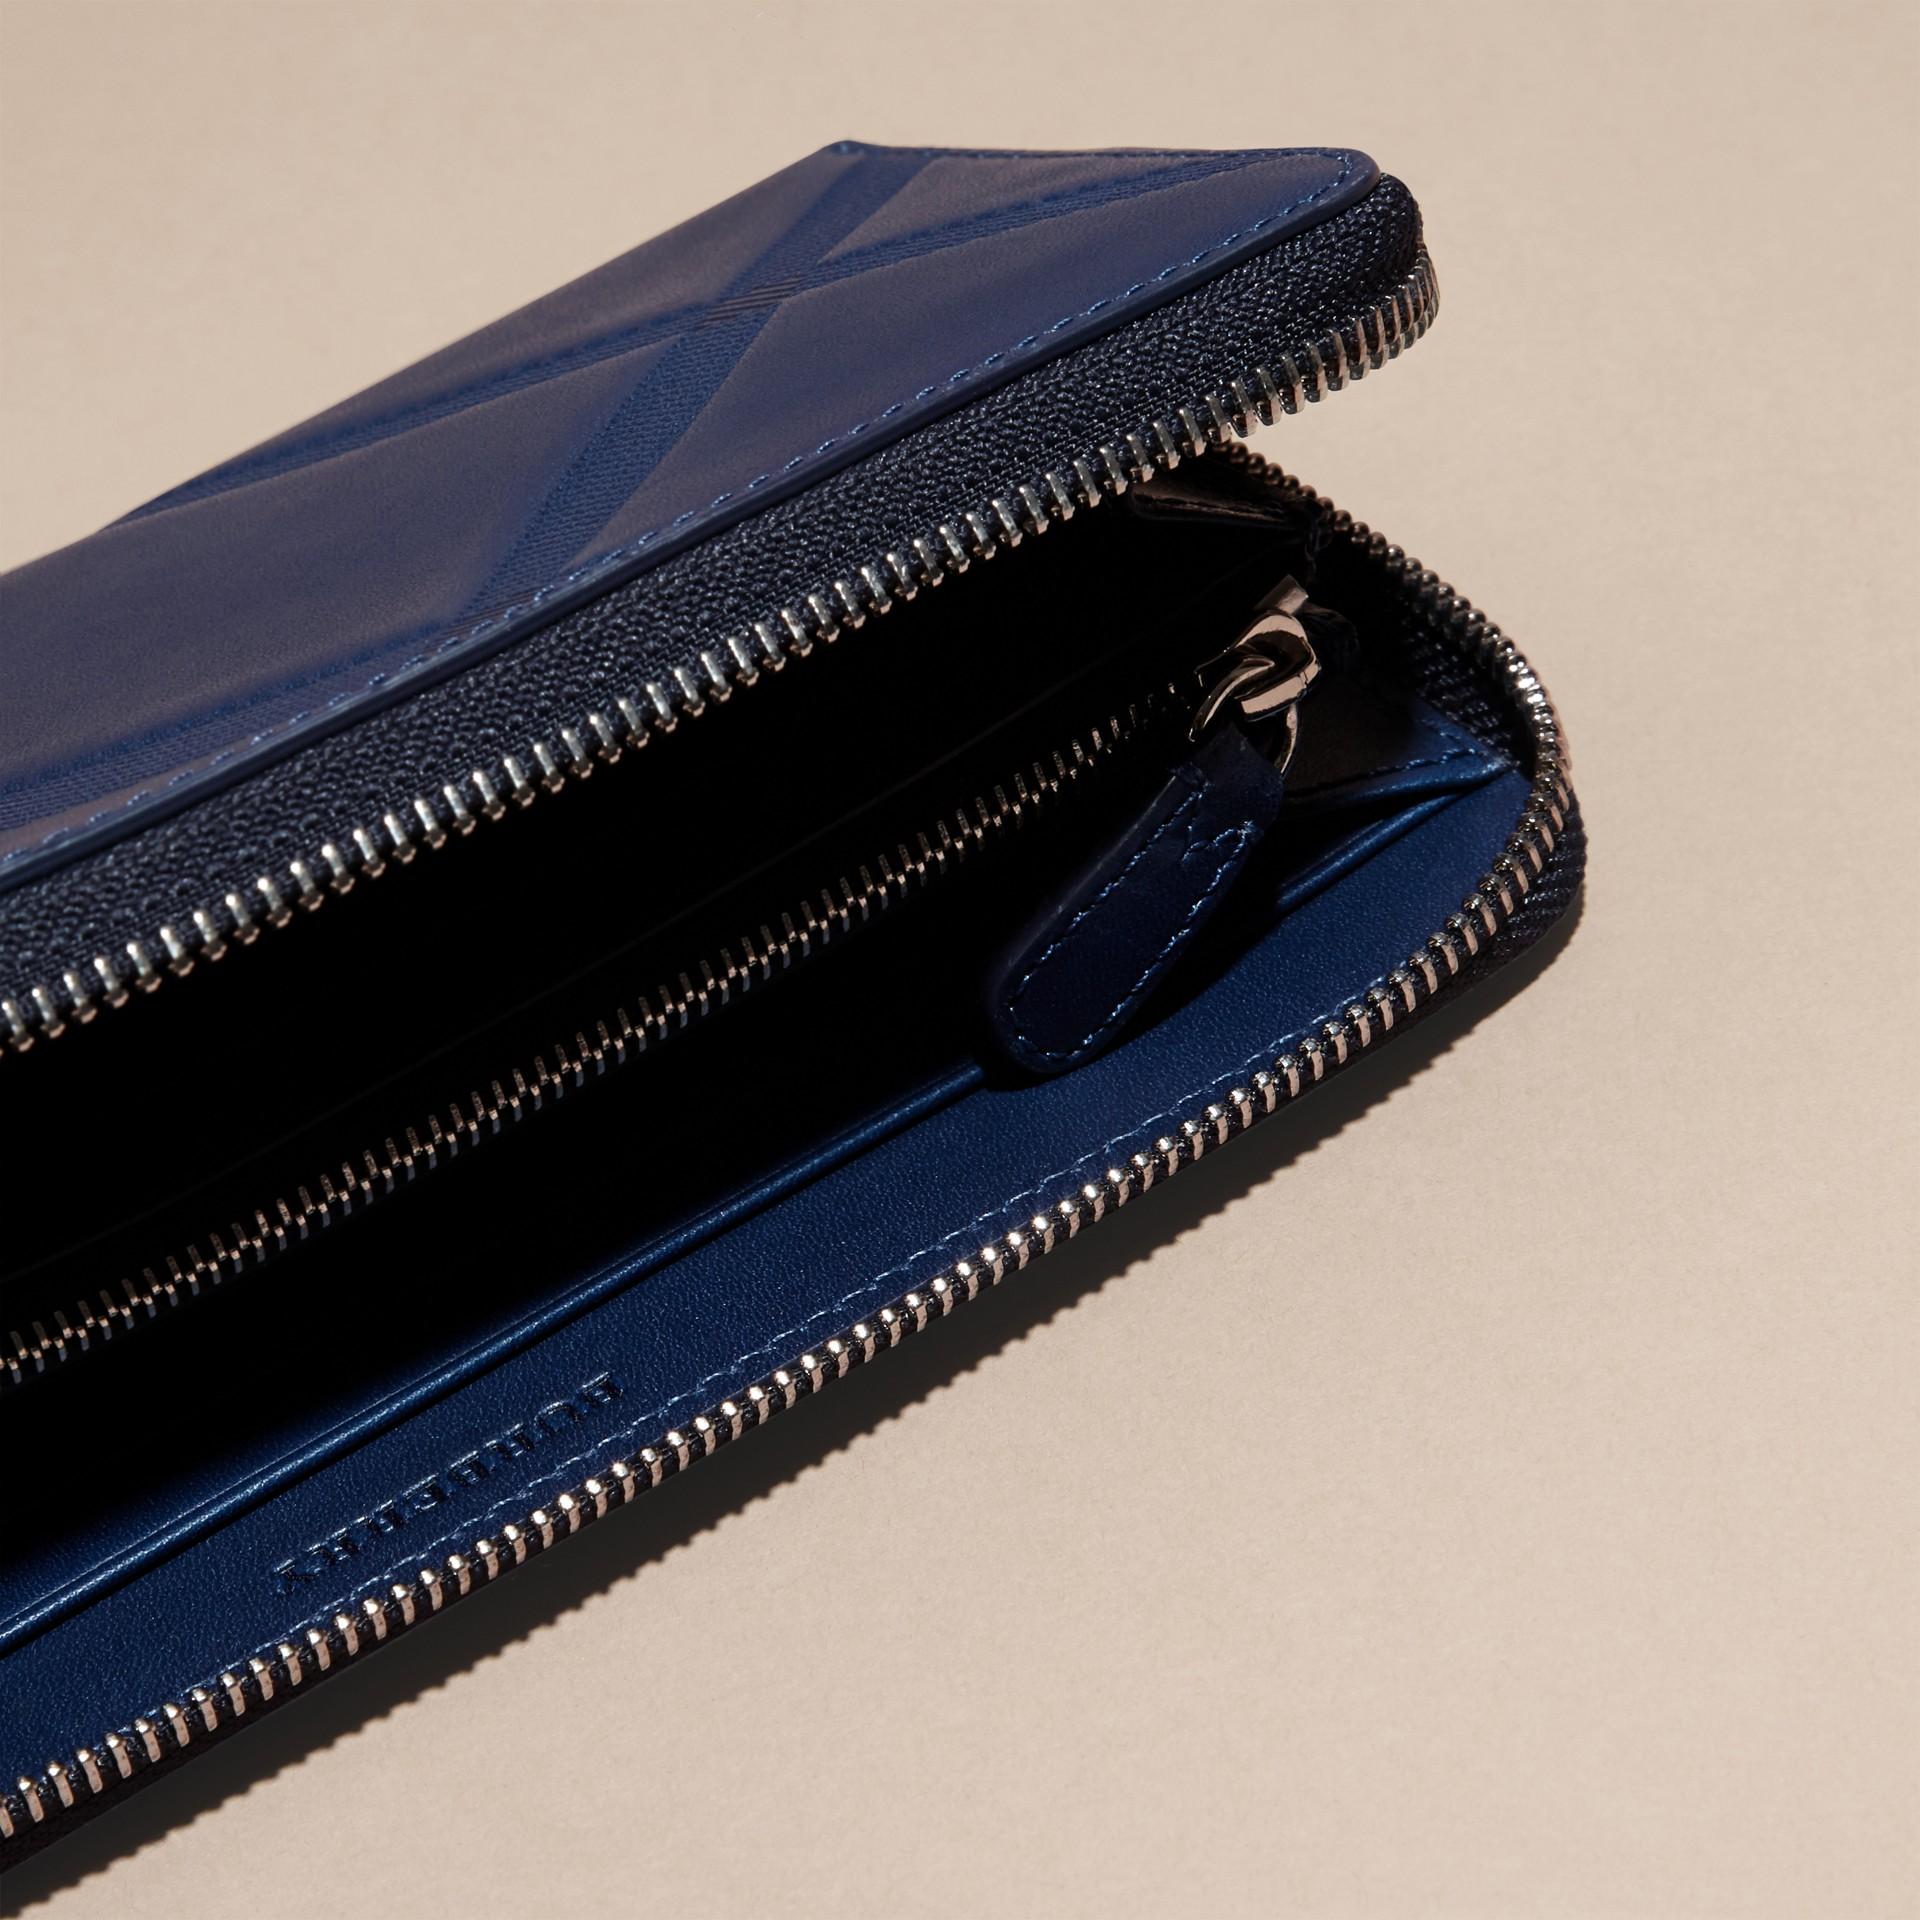 Bleu lapis Portefeuille zippé en cuir à motif check estampé Bleu Lapis - photo de la galerie 5